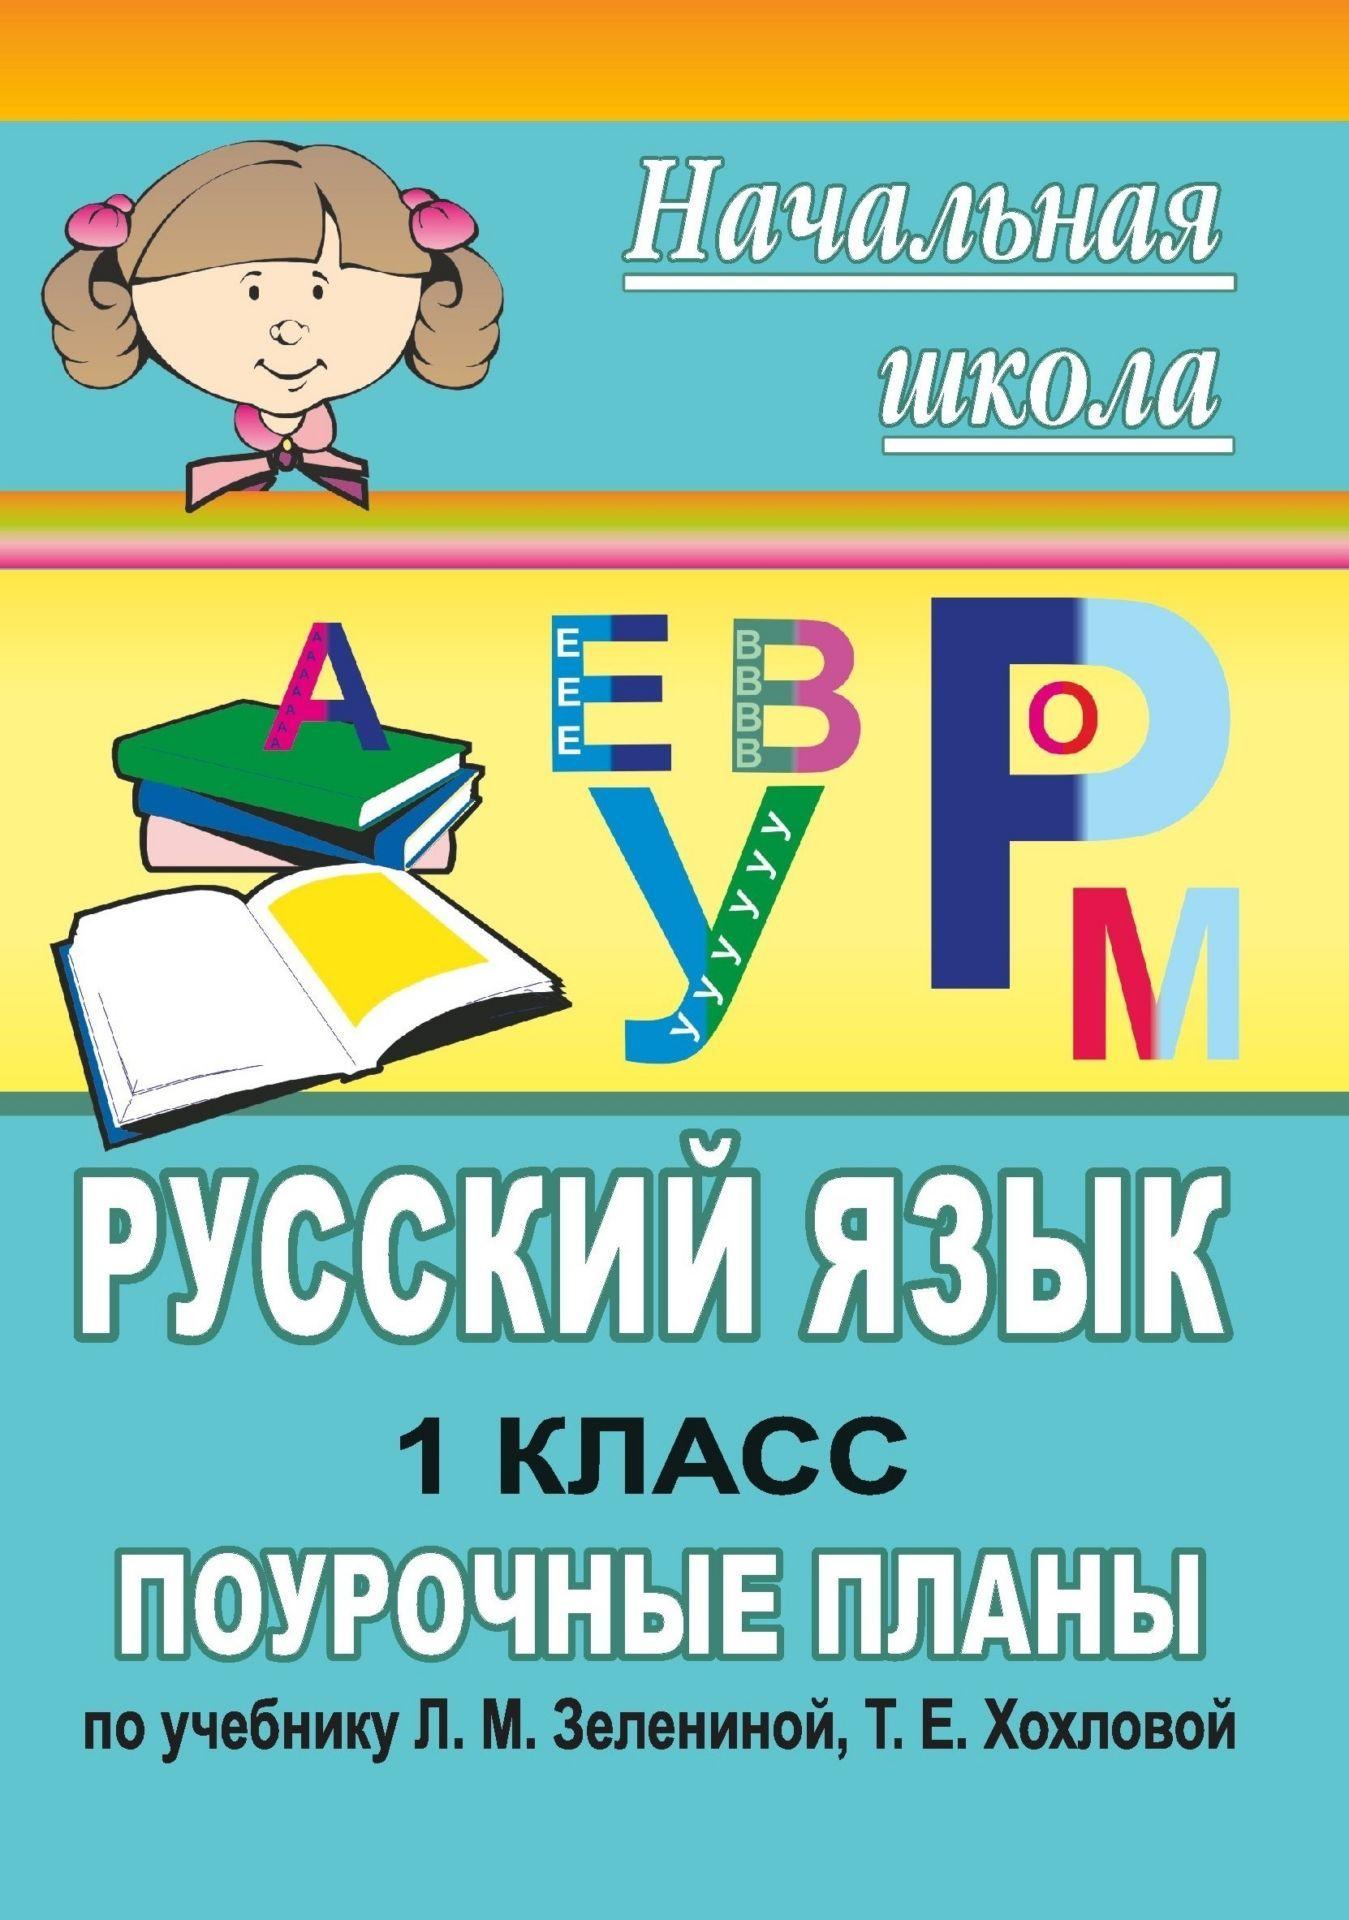 Русский язык. 1 класс: поурочные планы по учебнику Л. М. Зелениной, Т. Е. Хохловой